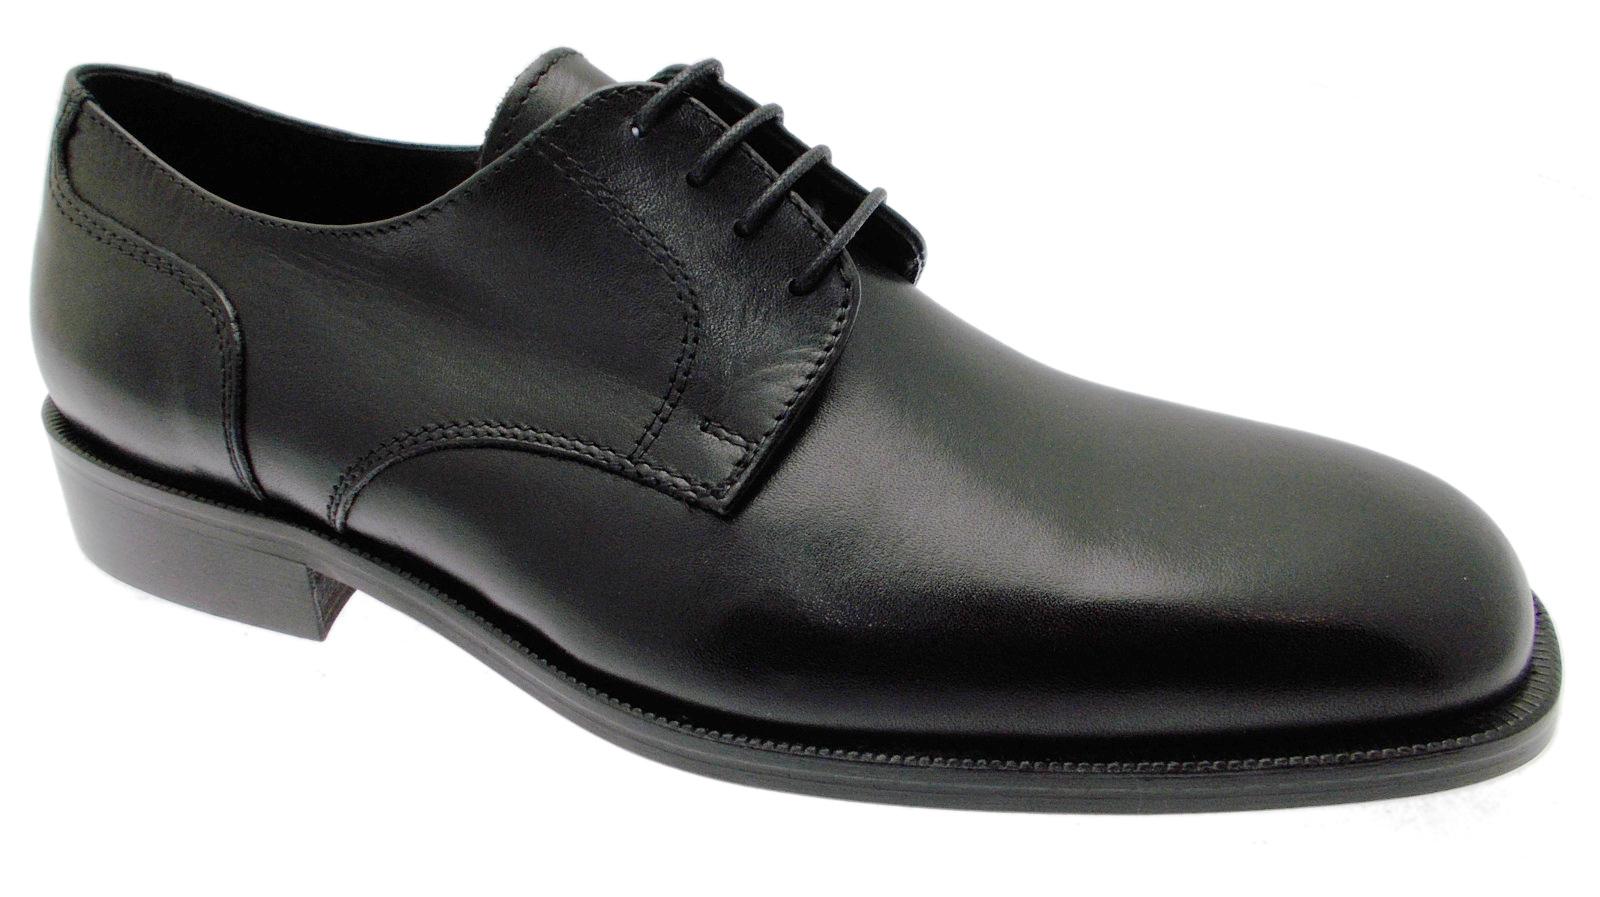 Scarpe casual da uomo  D003 scarpa lacci classica liscia Nero Uomo Pioggia Nero